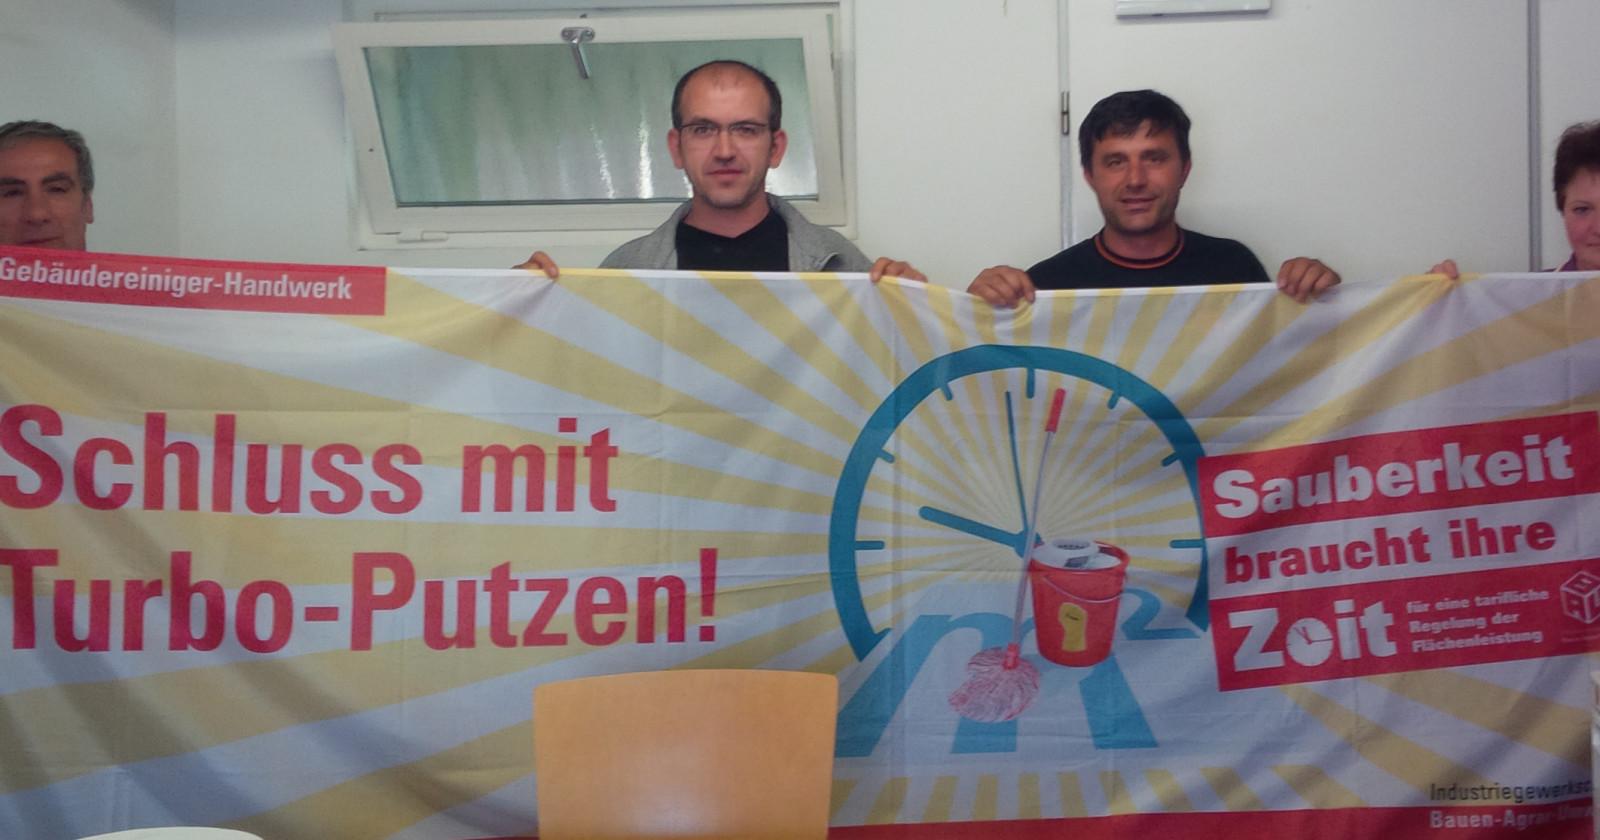 Piepenbrock-Beschäftigte aus Frankfurt stehen zu Tarifforderung der IG BAU